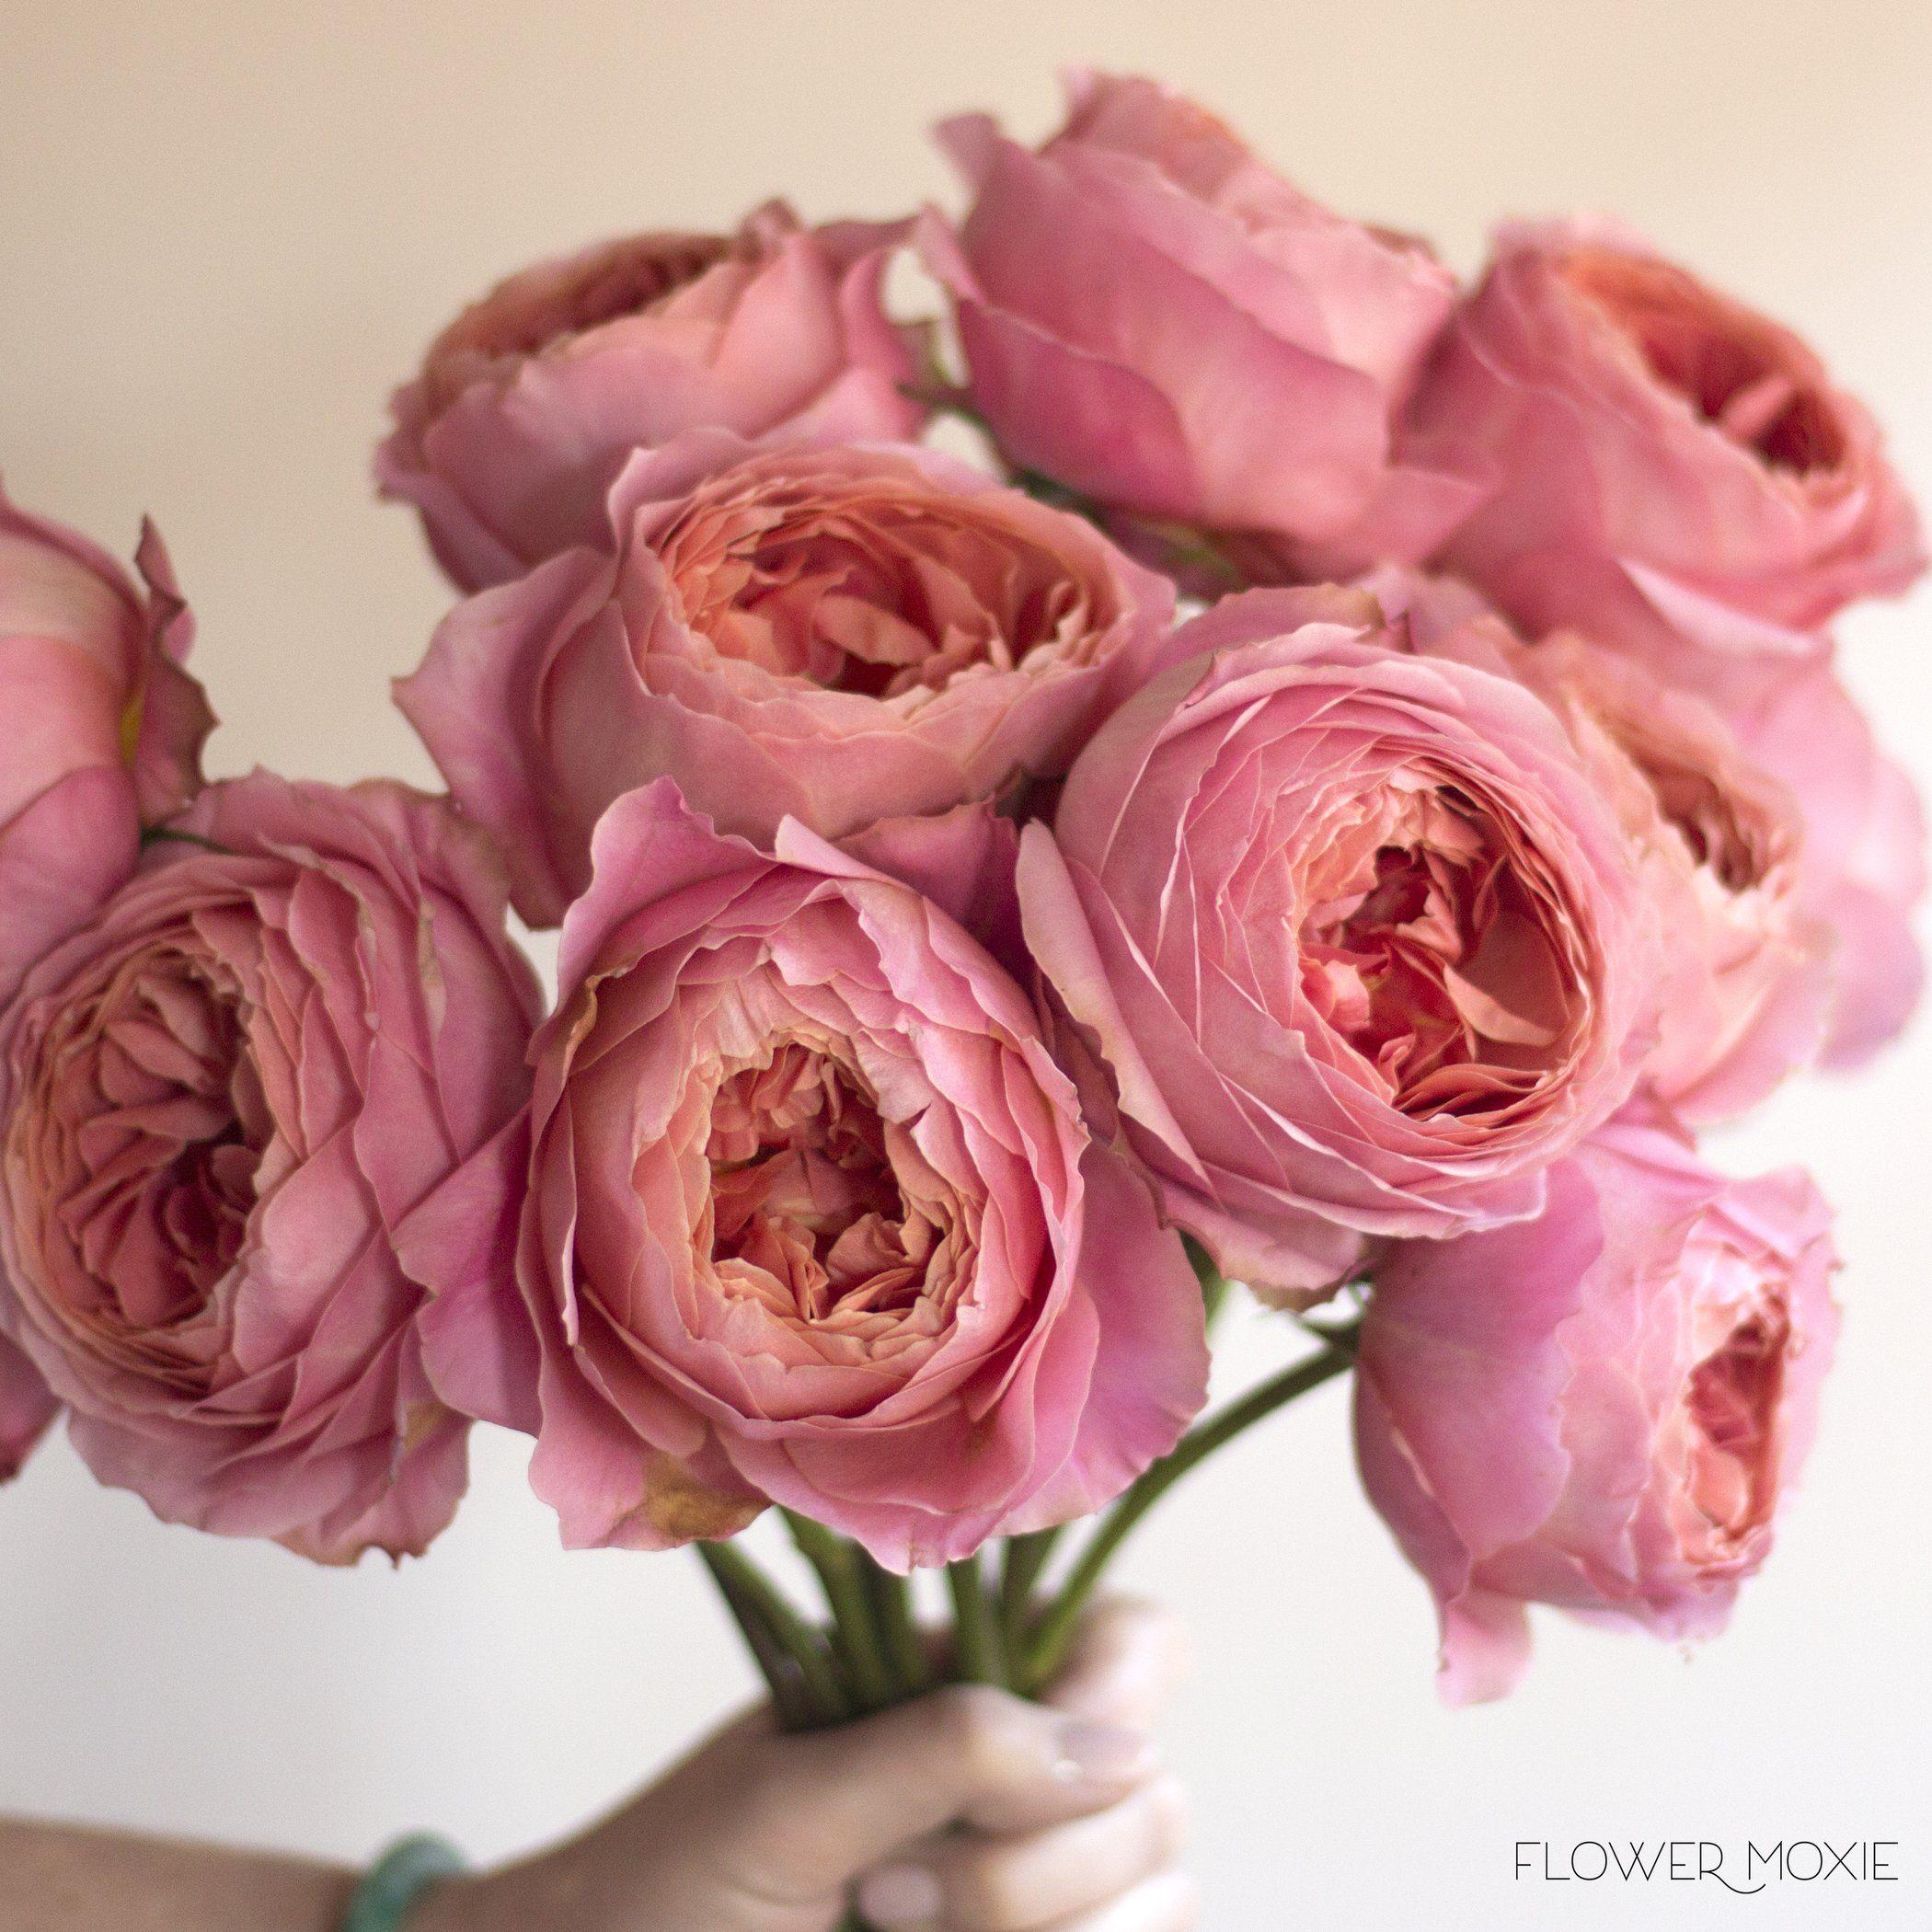 Romantic Antike rose   romantic rose   vibrant rose   vibrant color ...